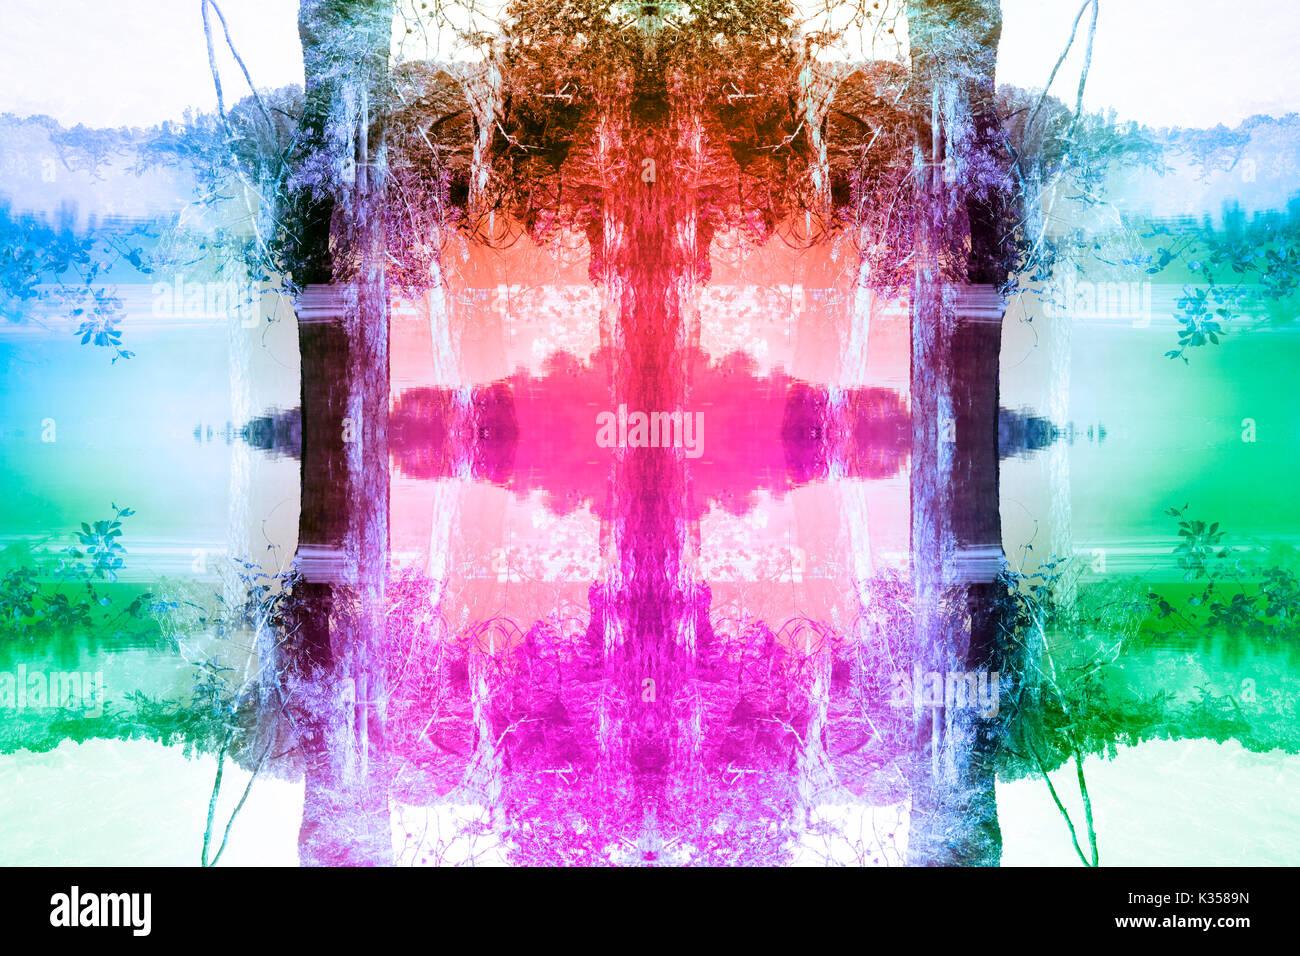 Un sogno colorato astratta immagine di sfondo. Immagini Stock